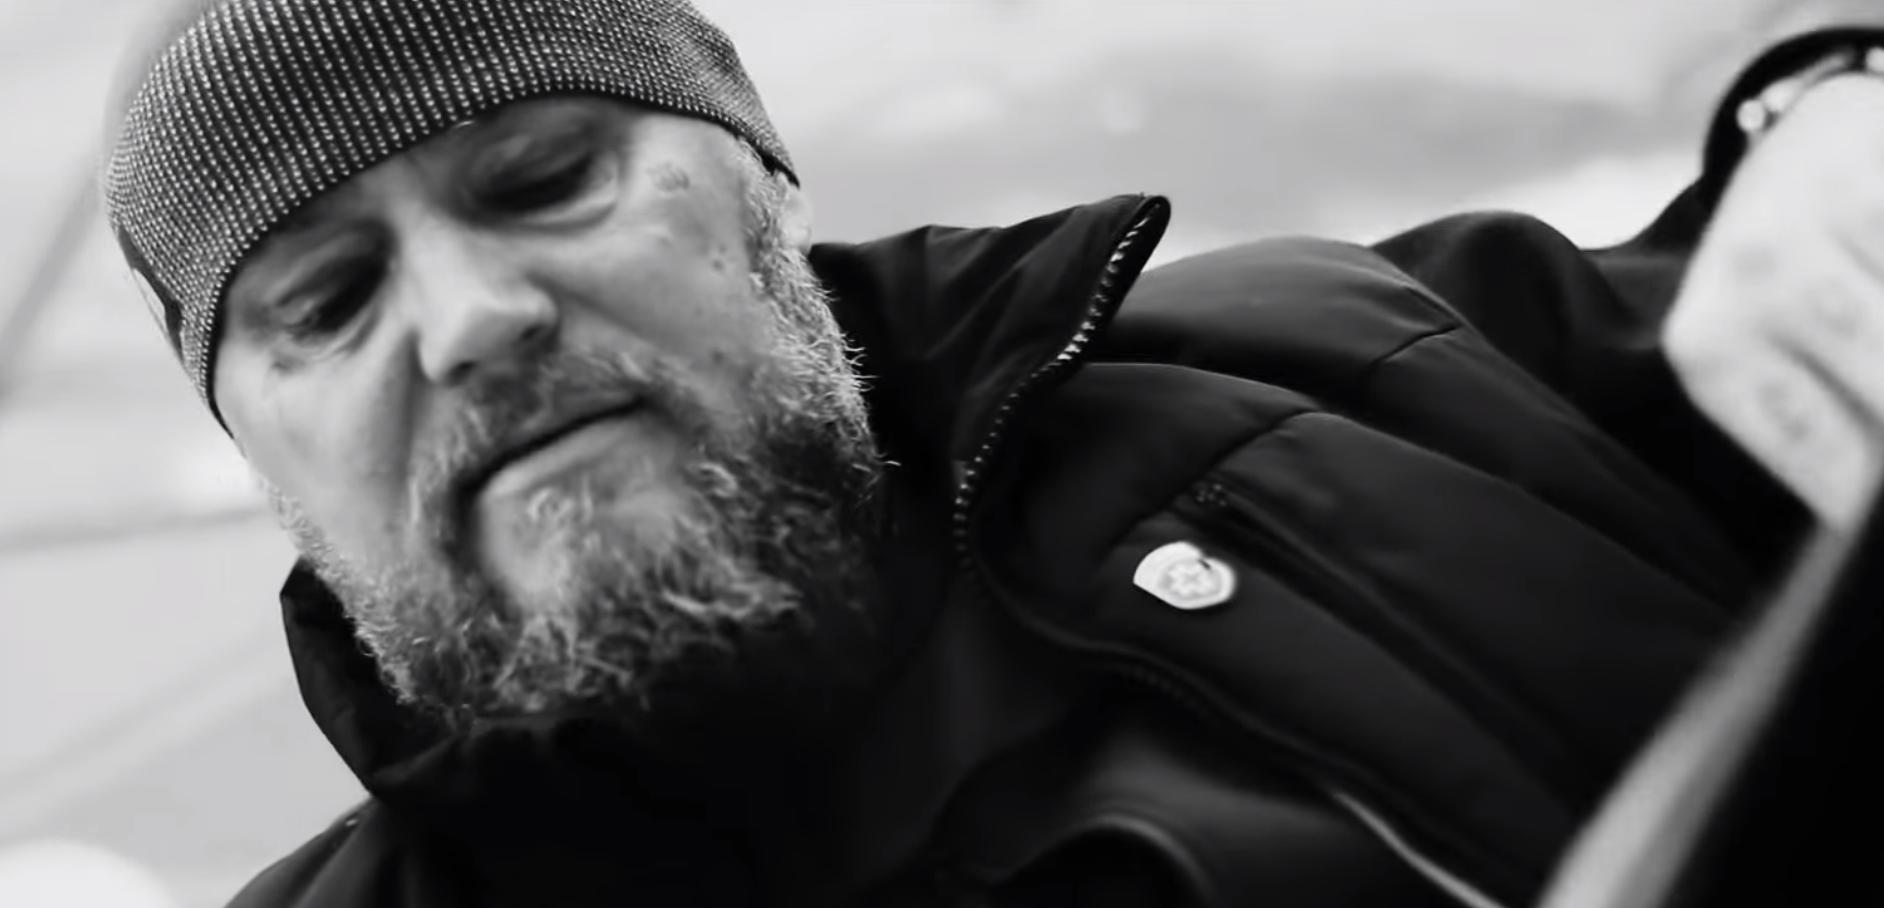 Rilla - Achtes Geschoss (Video) |16BARS